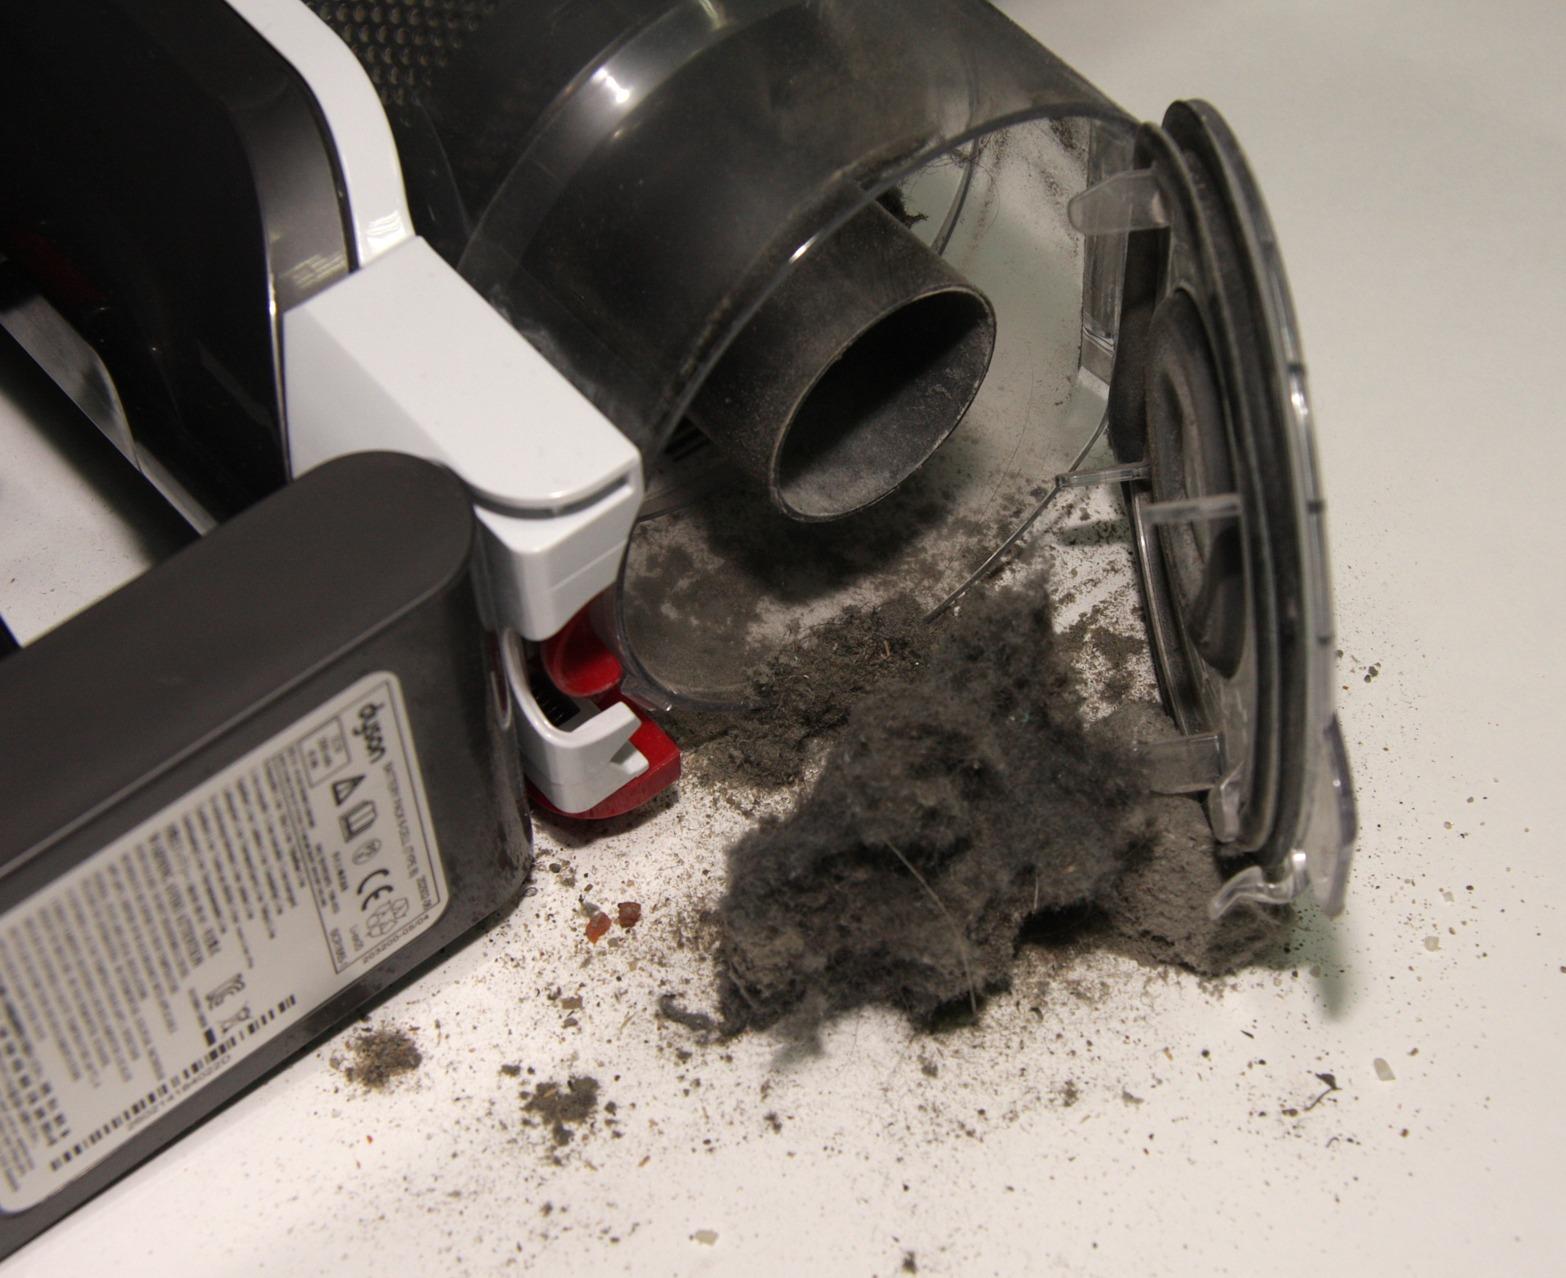 Пылесос дайсон плохо всасывает пыль фен dyson видео